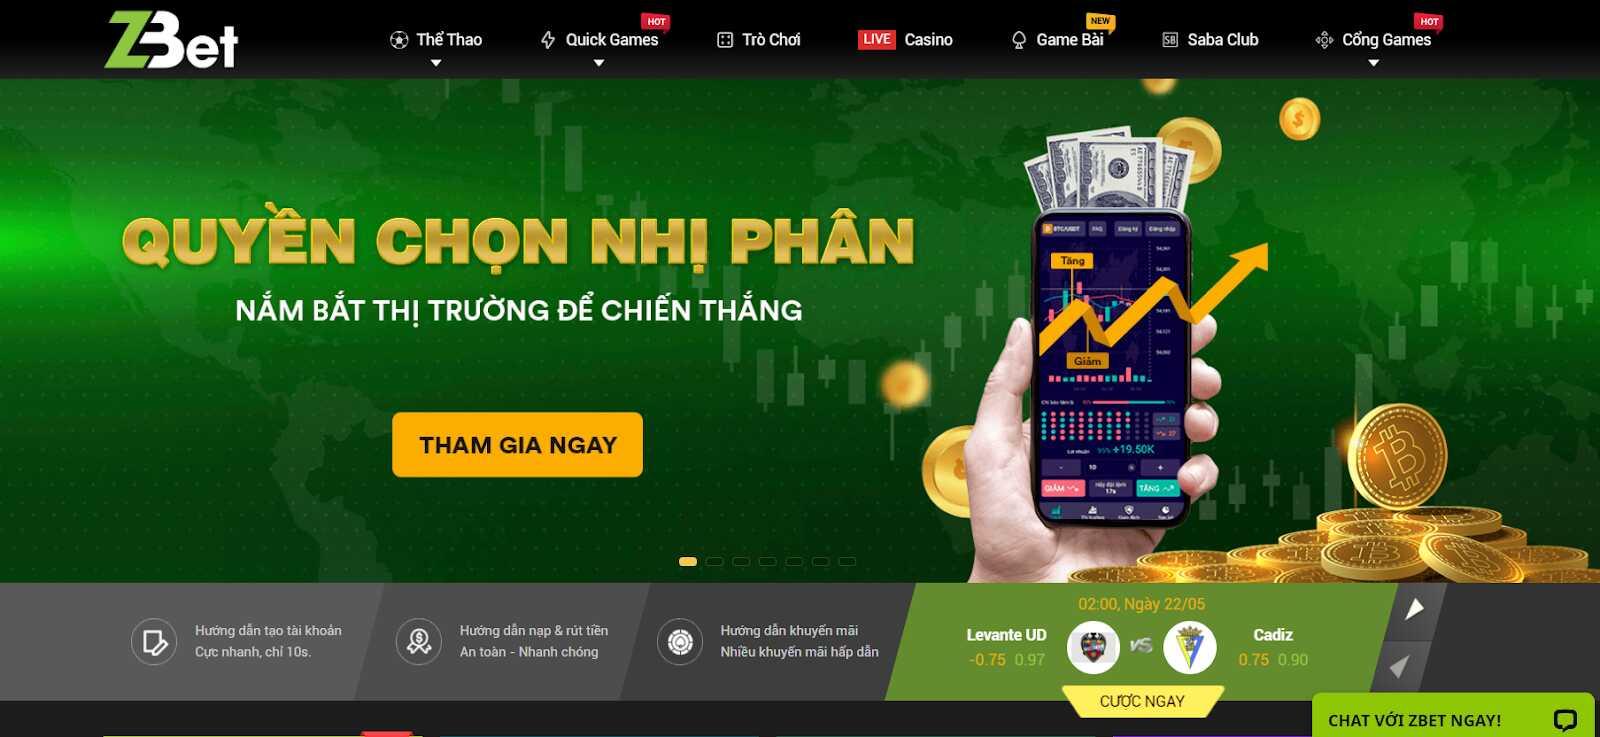 Cổng game uy tín với thâm niên hoạt động lâu dài tại Việt Nam